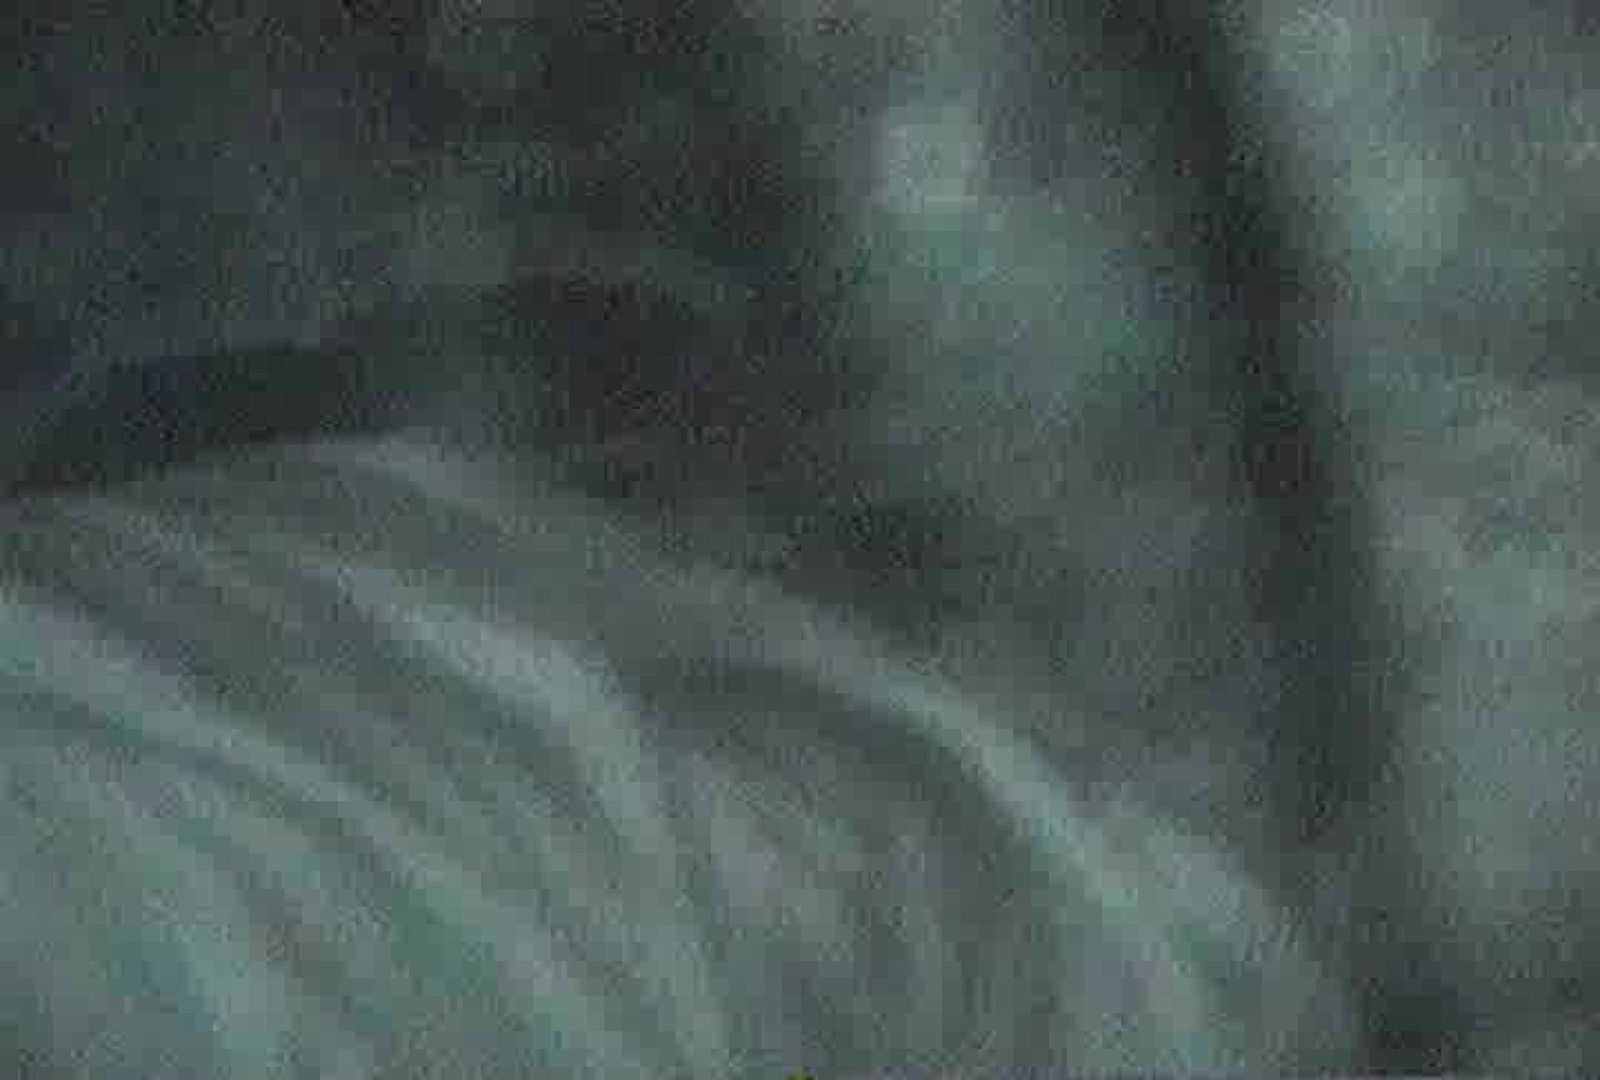 充血監督の深夜の運動会Vol.75 現役ギャル | お姉さん丸裸  77pic 53